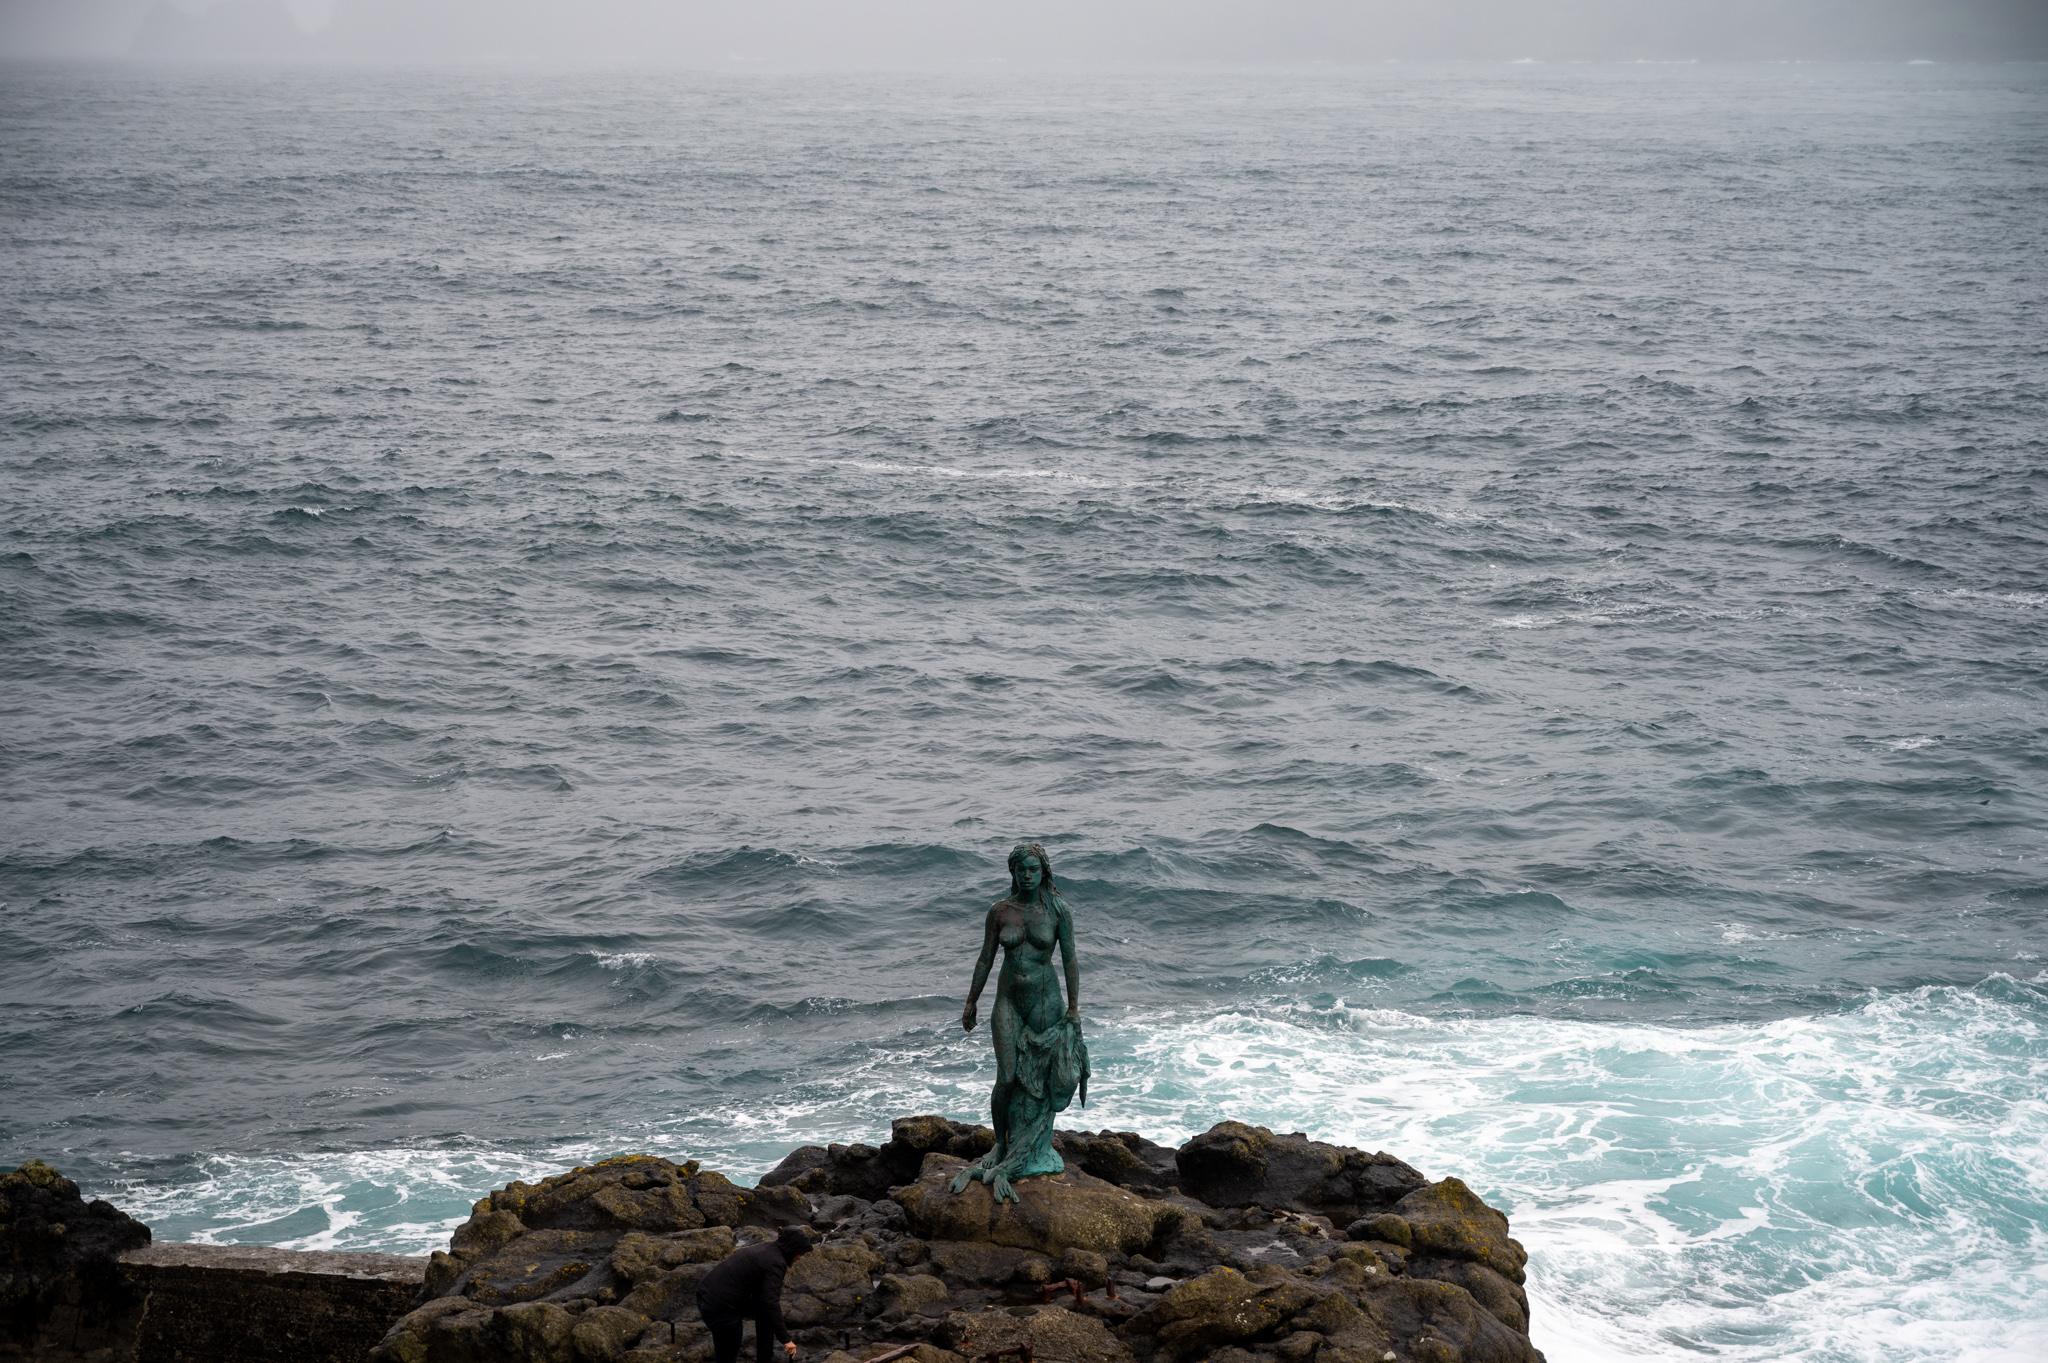 Robbenfrau auf der Insel Kalsoy